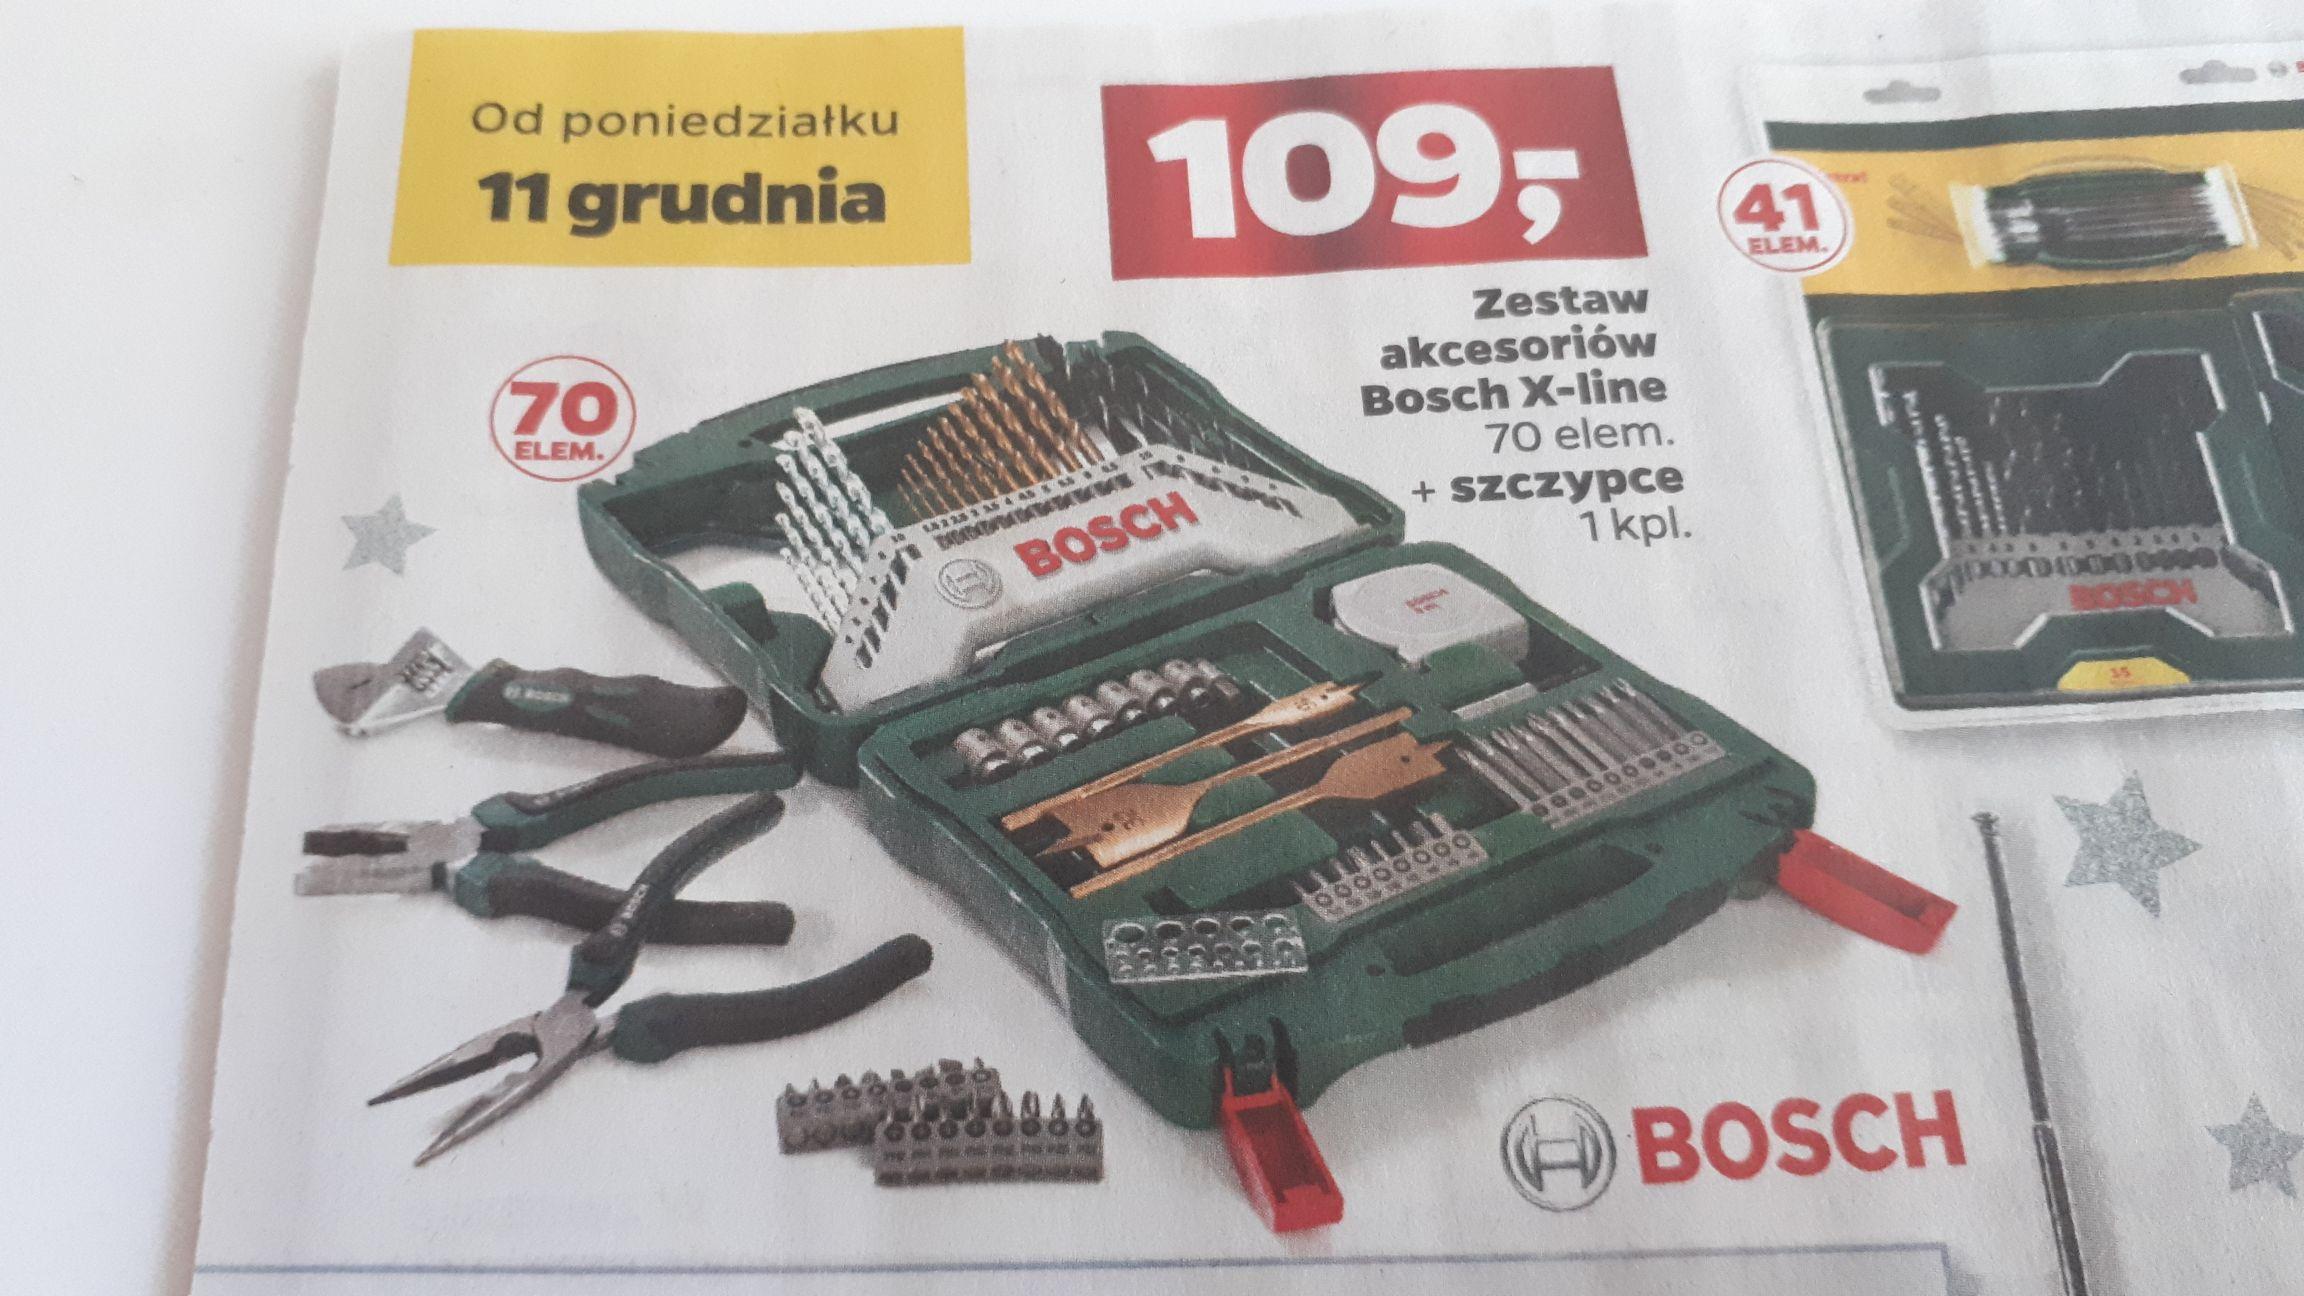 Zestaw akcesoriów Bosch X-line. + szczypce.